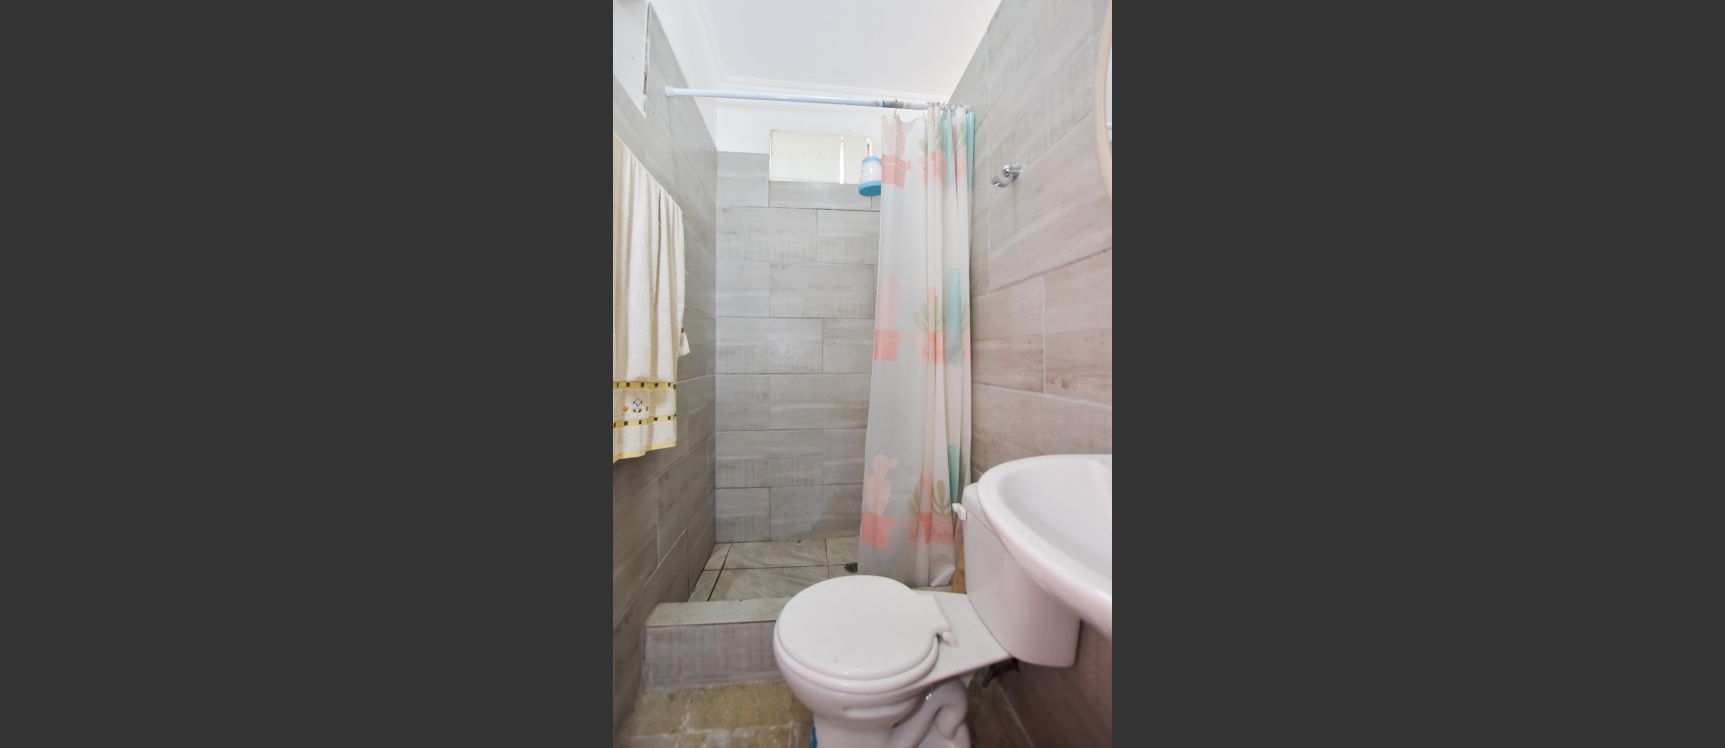 GeoBienes - Casa rentera en venta ubicada en Guayacanes - Plusvalia Guayaquil Casas de venta y alquiler Inmobiliaria Ecuador